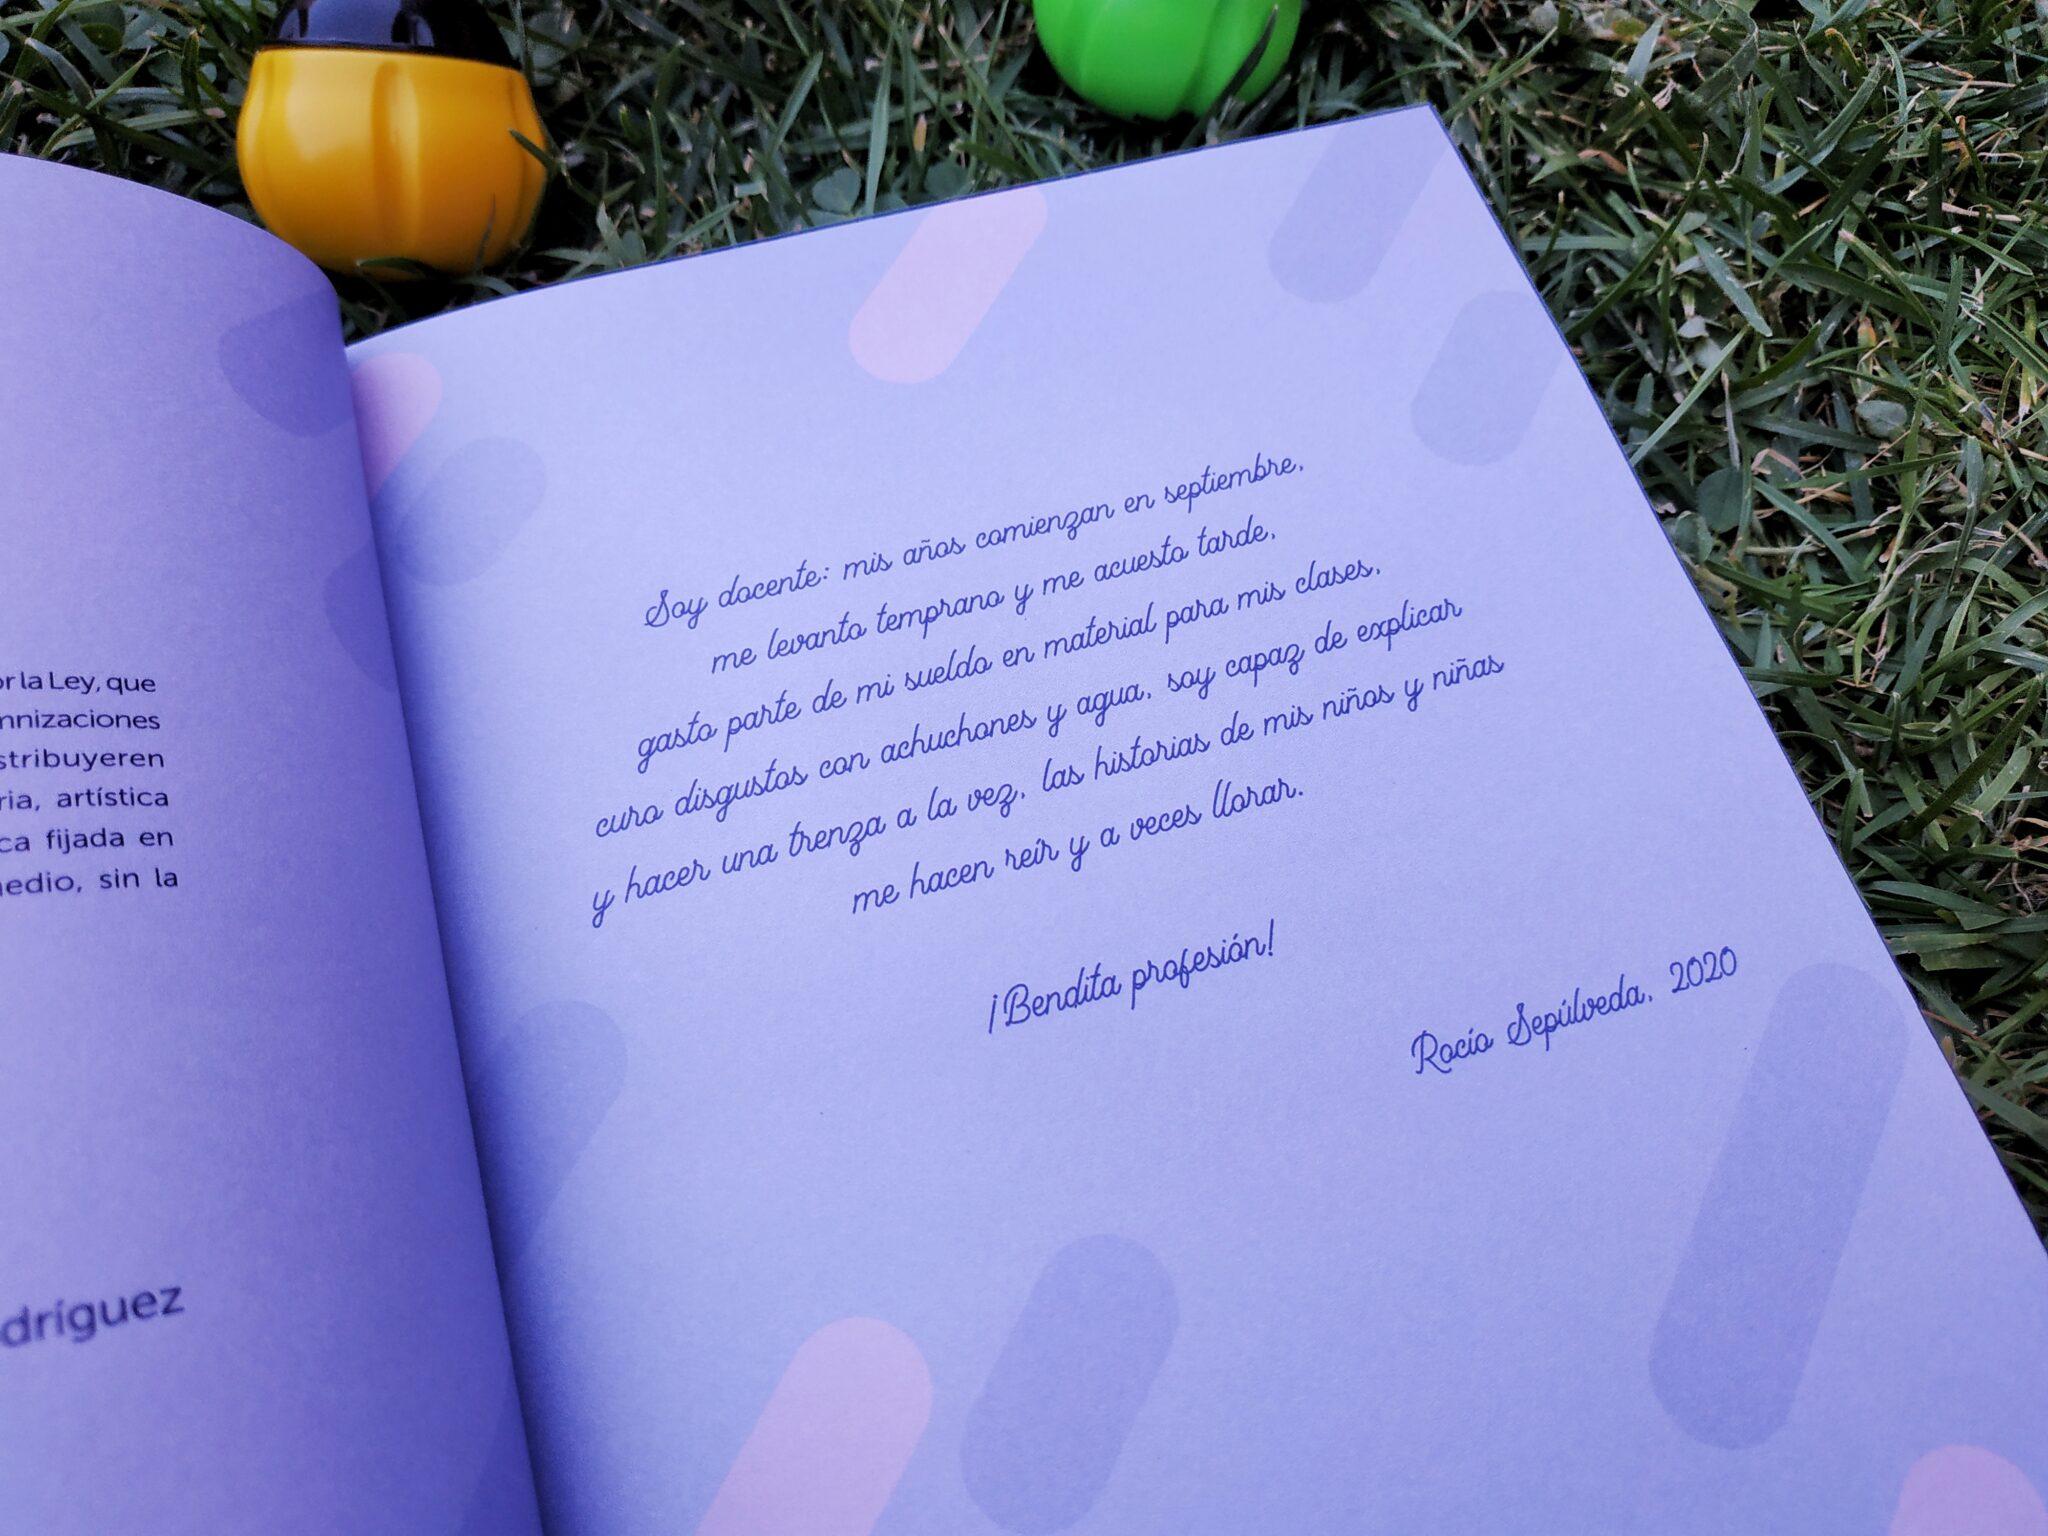 IMG 20200708 202850 01 scaled - Anécdotas infantiles en Seño, ¿Sabes qué?